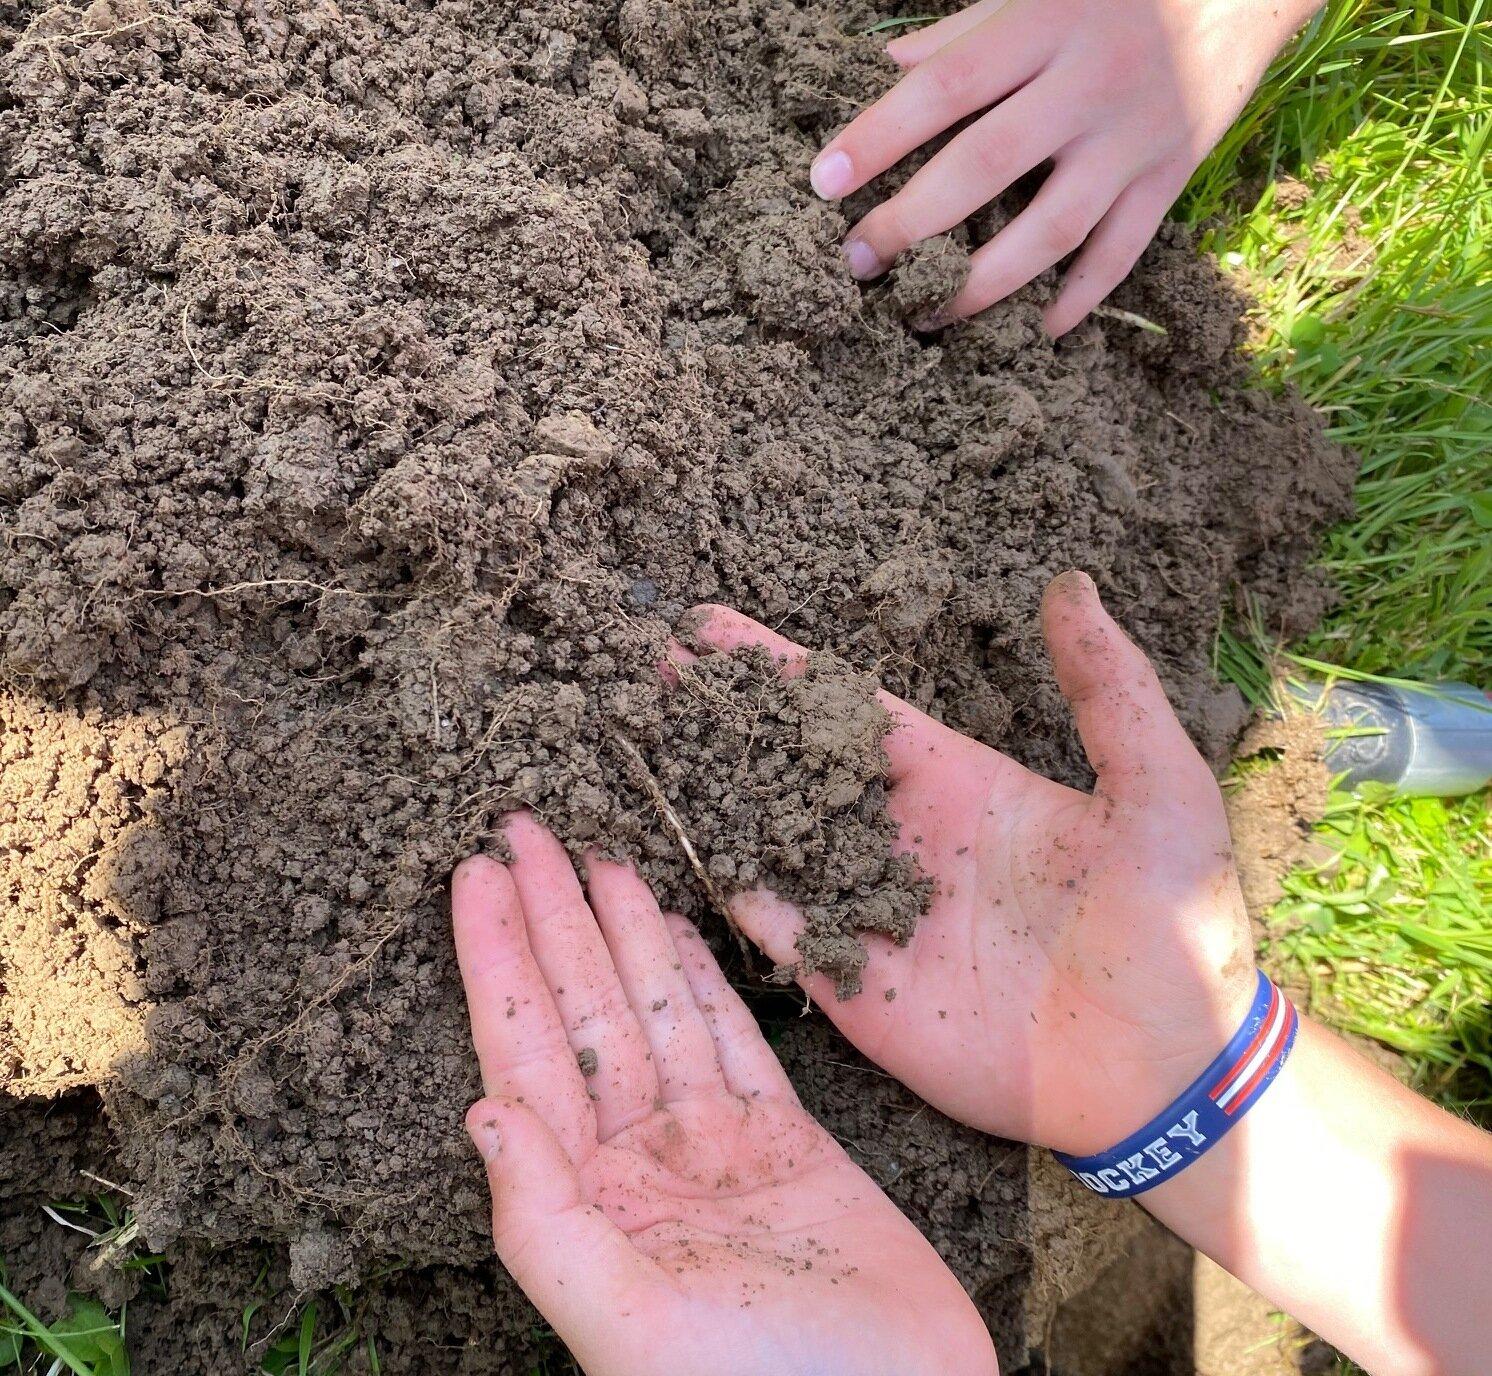 krümeliger gesunder Boden